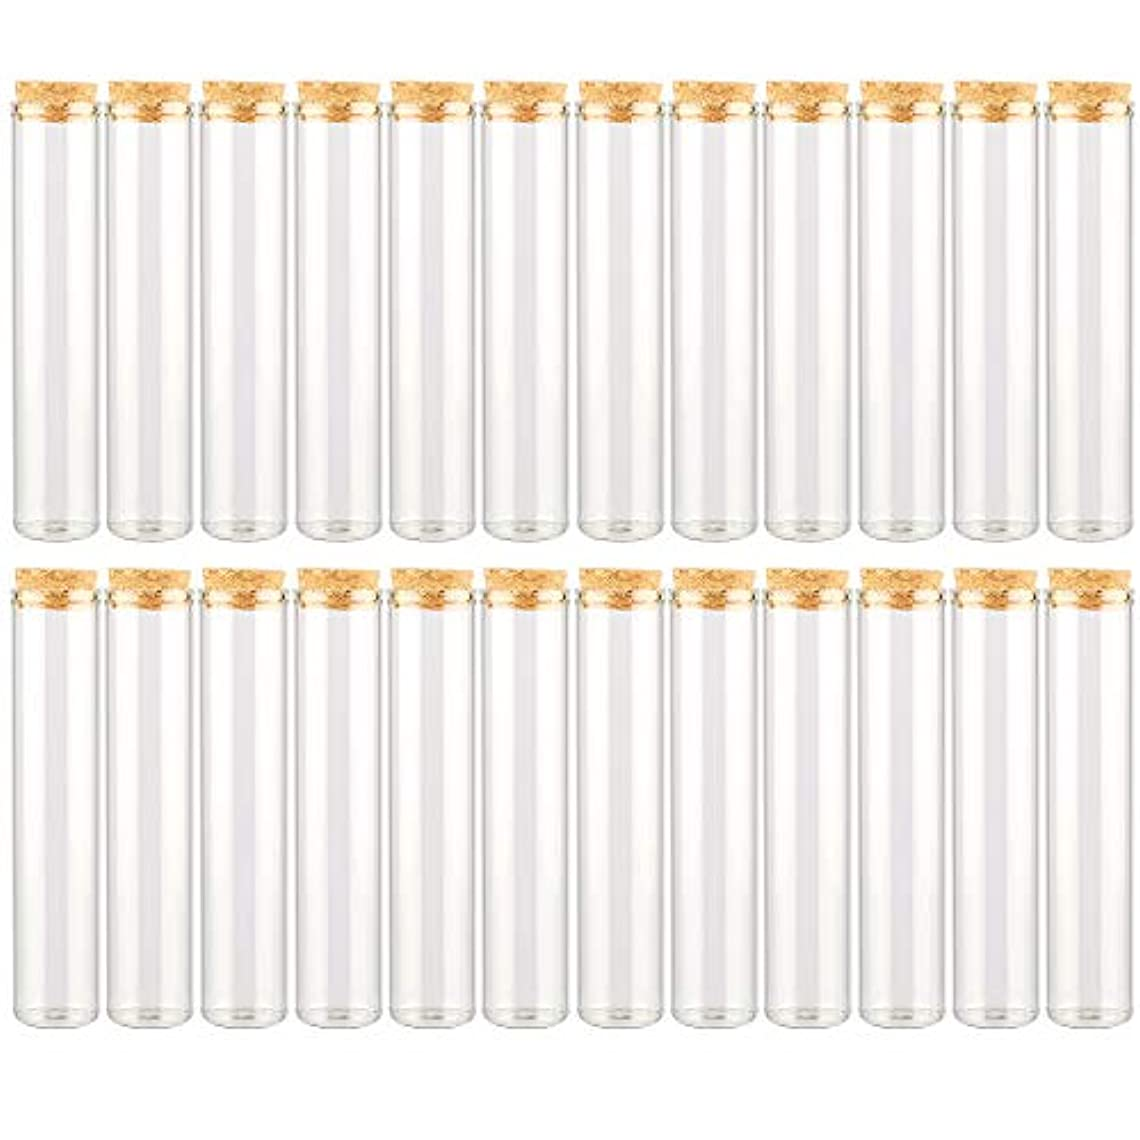 翻訳者抽出縁EC Labmouse シンプル ガラス瓶 コルク栓 24本セット 30ml 透明 ガラス製 アロマオイル 香水 花材 ビーズ 調味料 試験管 (30ml 24本)